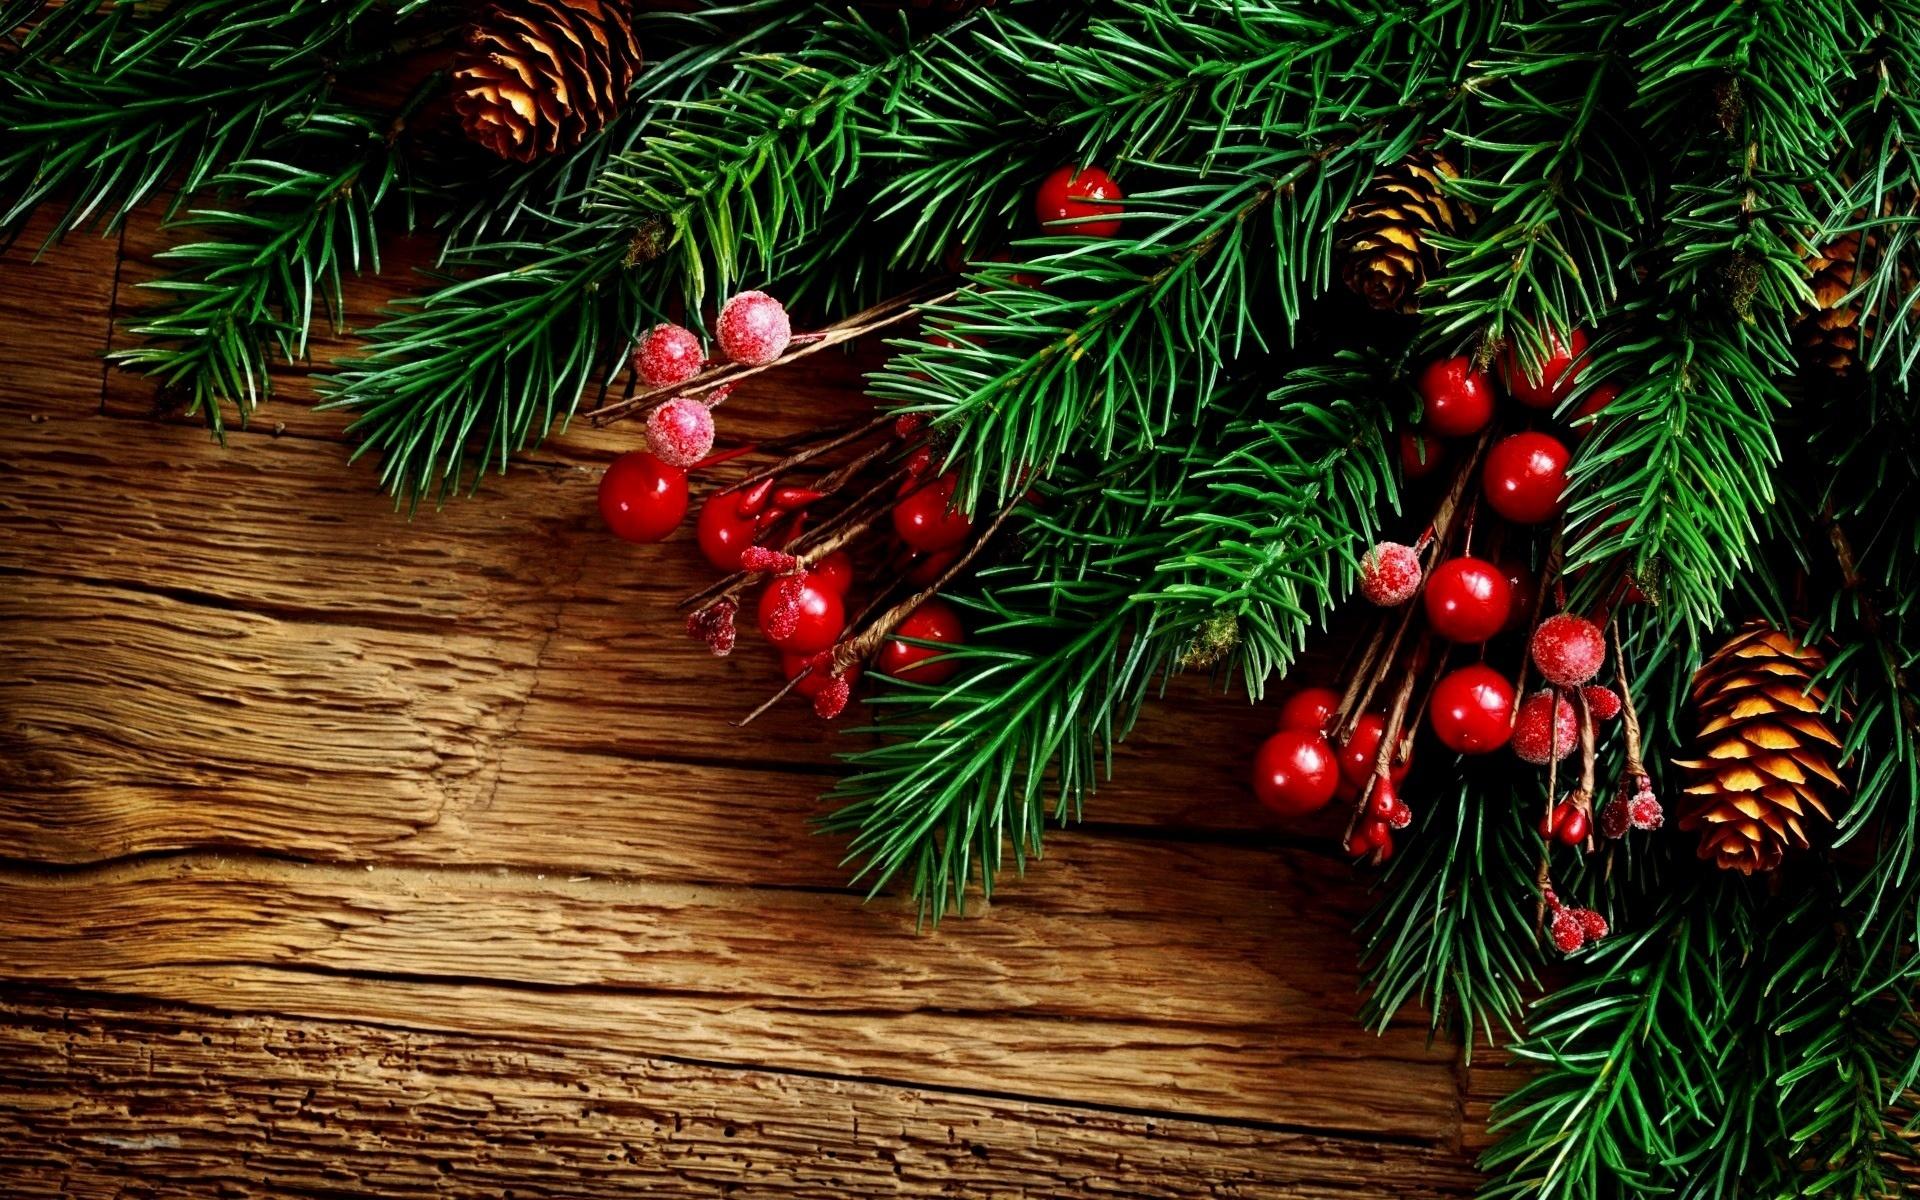 картинки новогодние еловые любой книги может